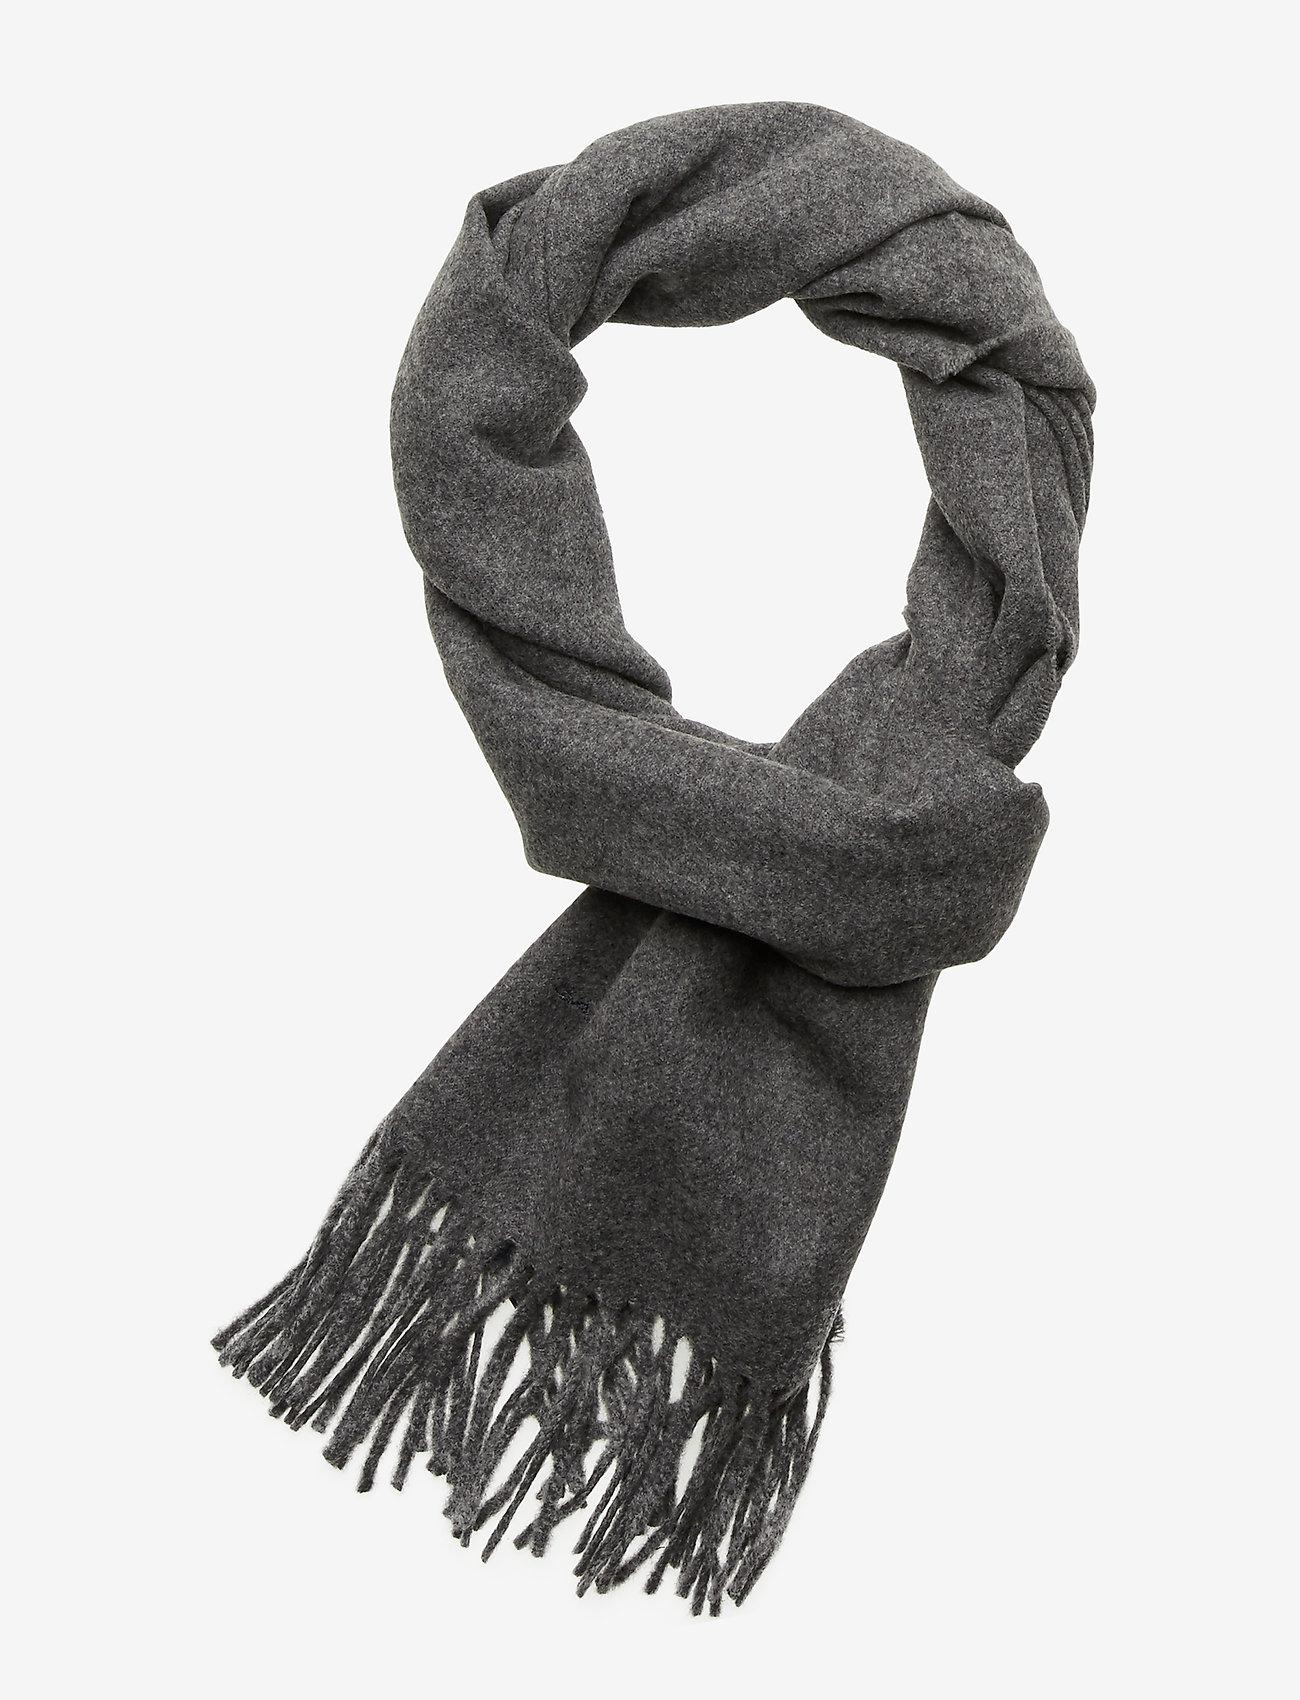 GANT - SOLID WOOL SCARF - scarves - charcoal melange - 0